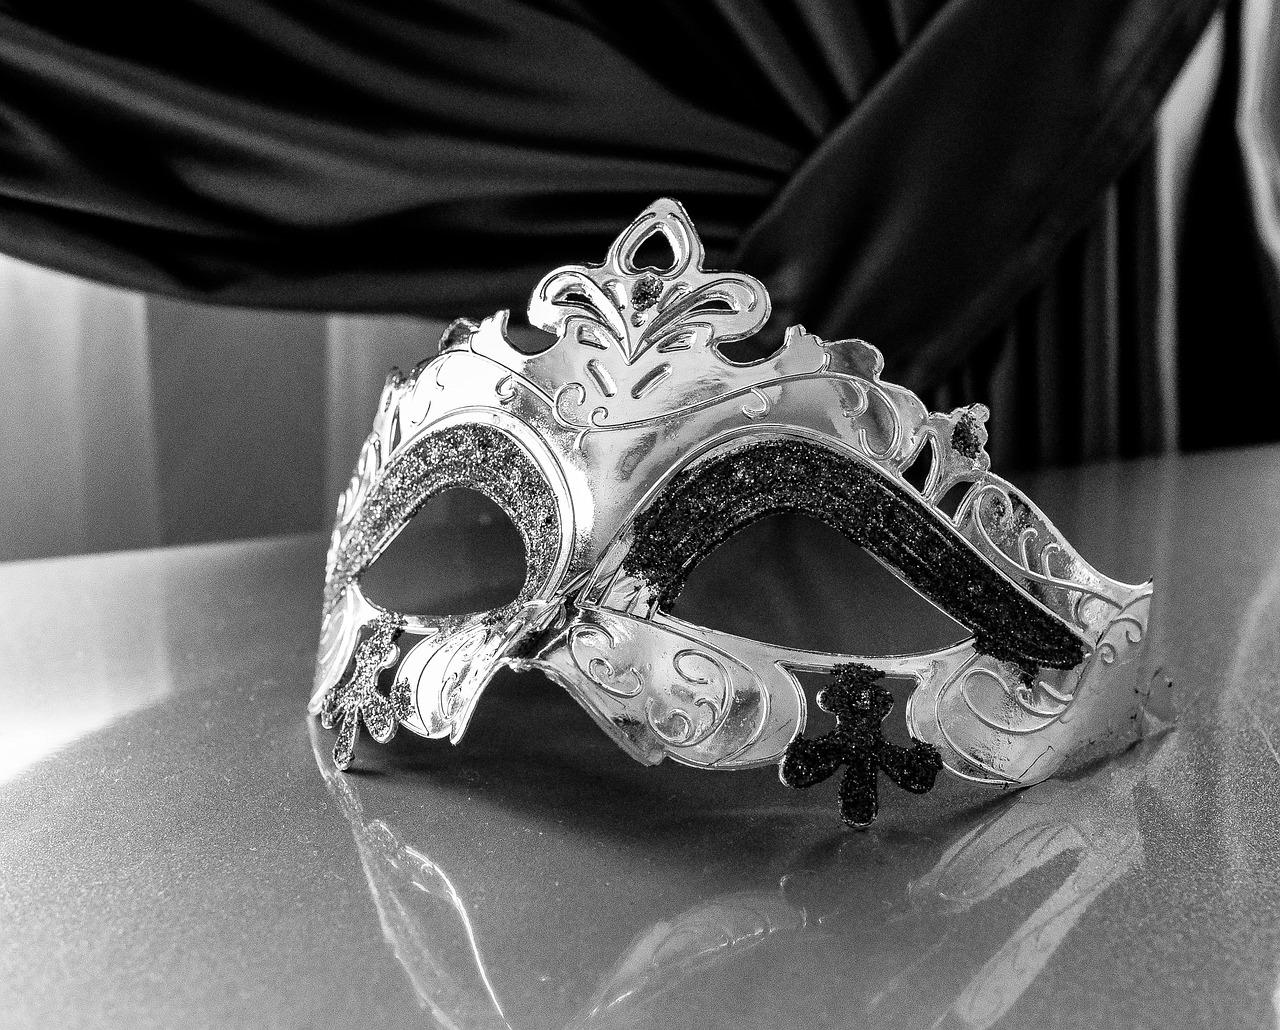 マスク, カーニバル, ヴェネティア, 神秘的, 隠す, 祭り, 楽しみ